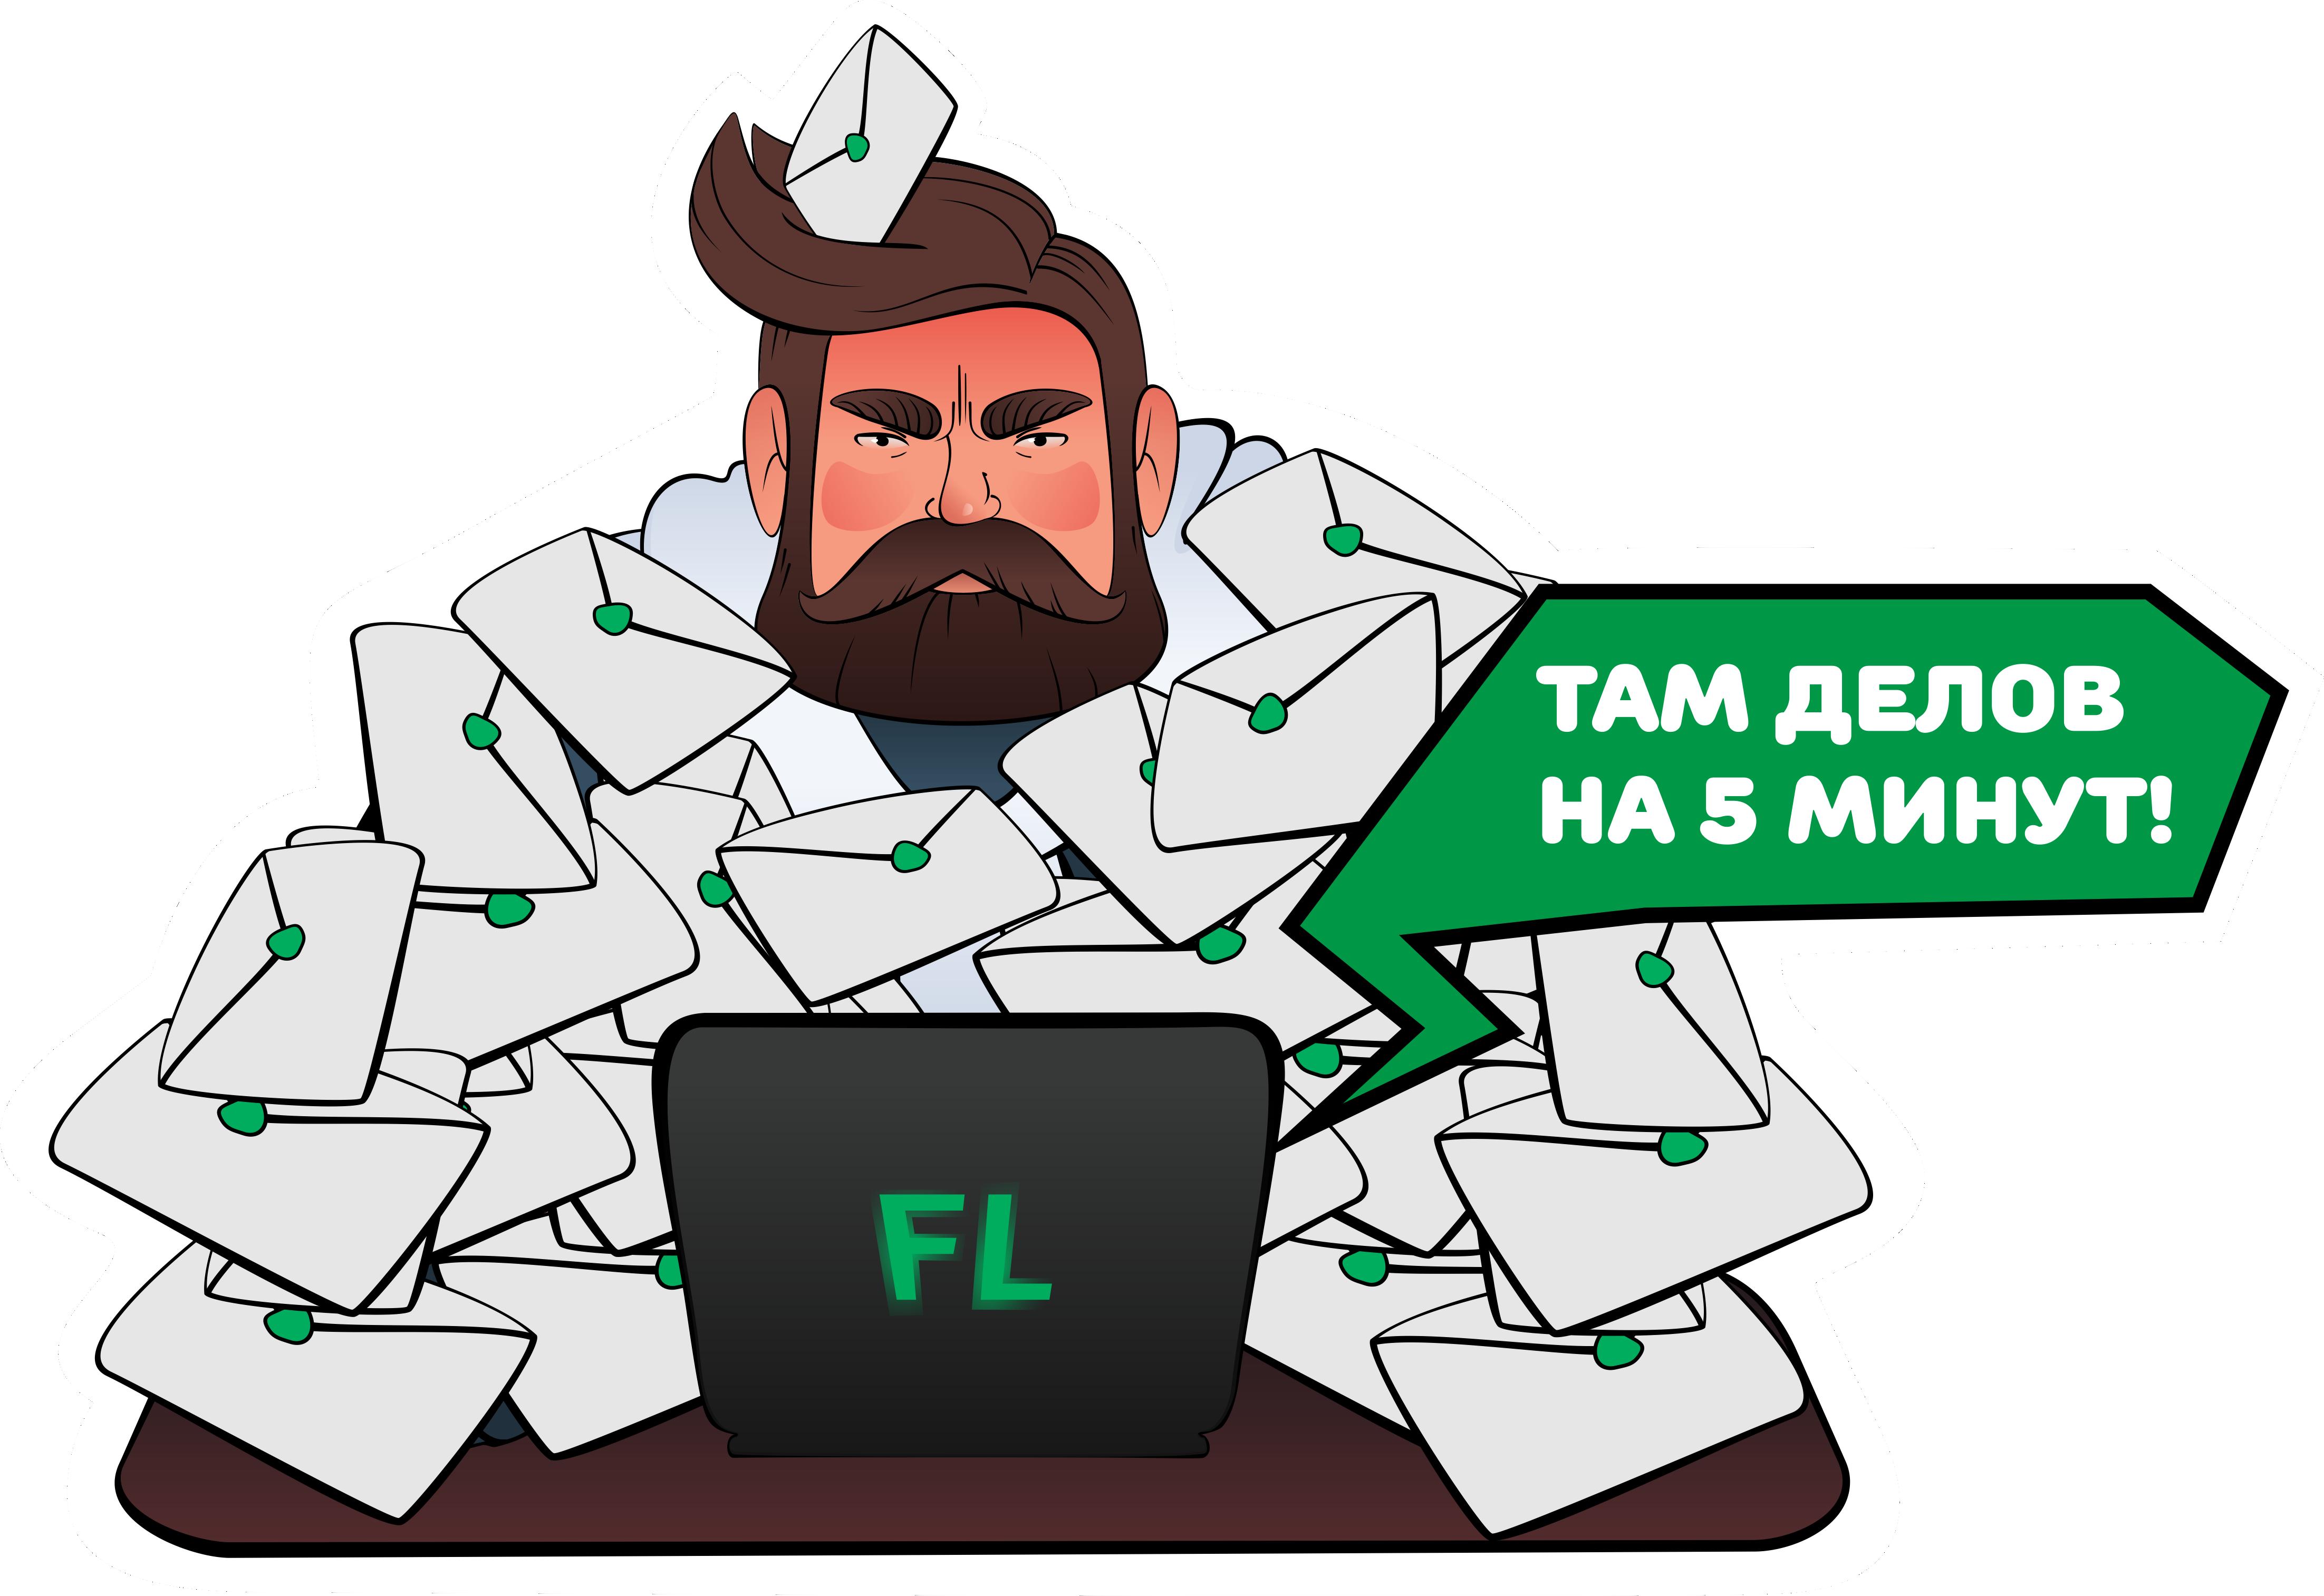 Стикерпаки на день фриланса для FL.ru фото f_9365cd31084836bd.png